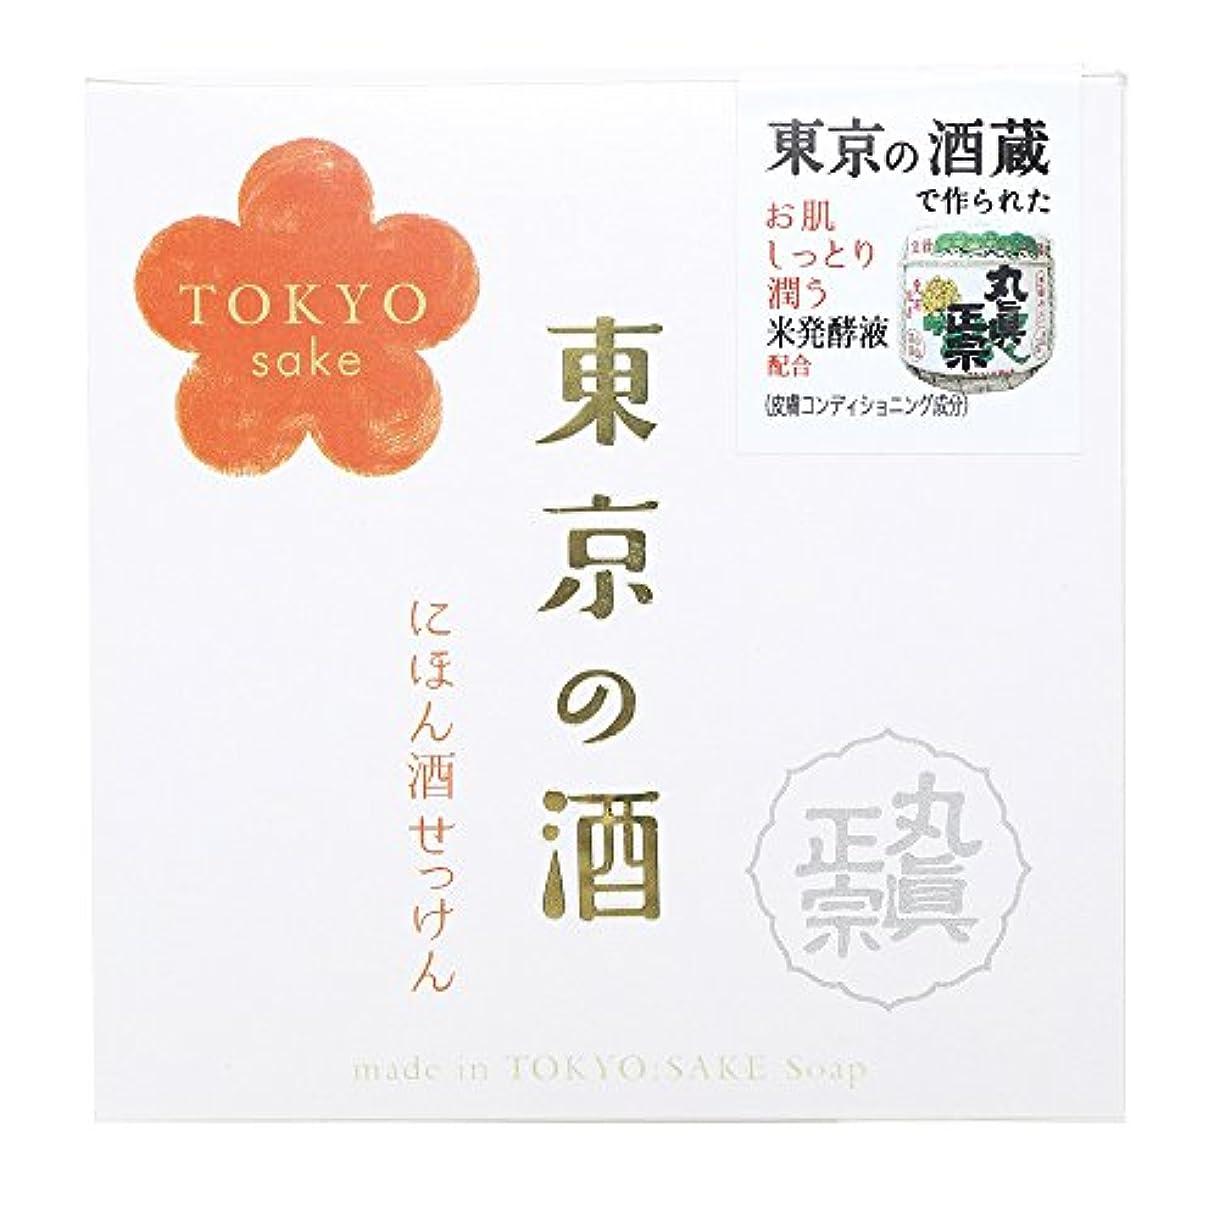 ノルコーポレーション 東京の酒 石けん OB-TKY-1-1 100g